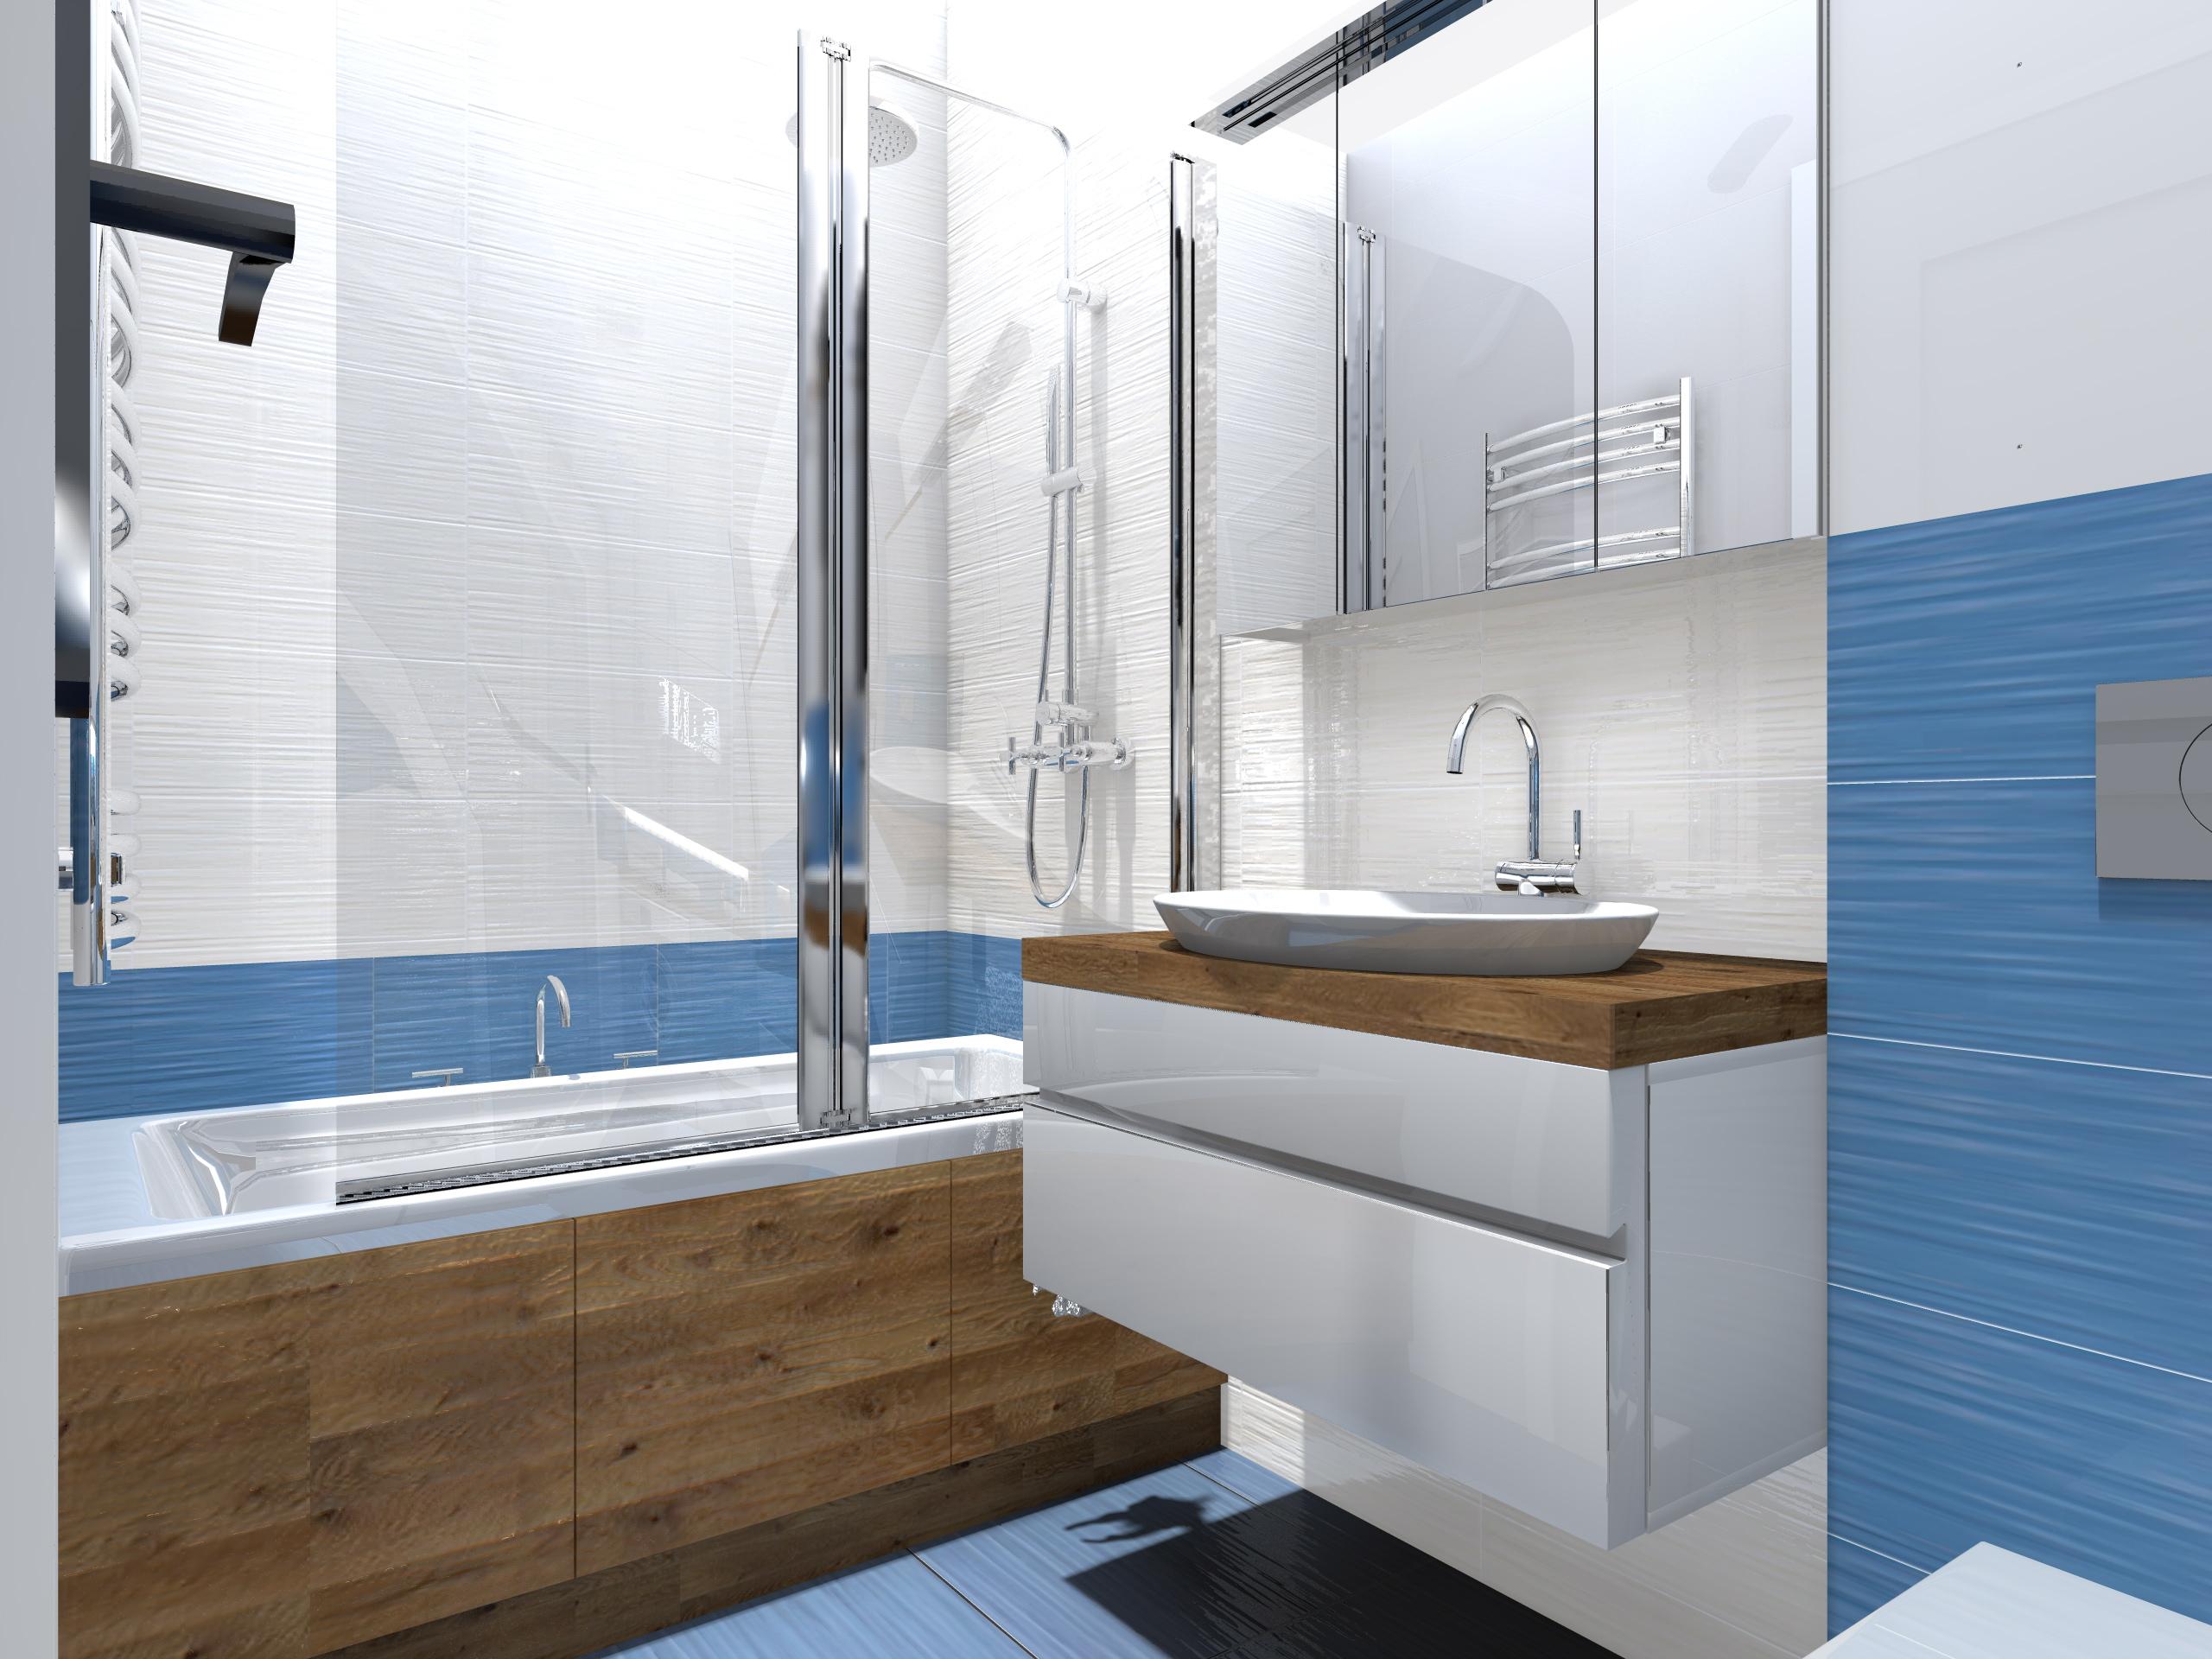 Aranżacja Małej łazienki W Bloku Poradnik Inspiracje